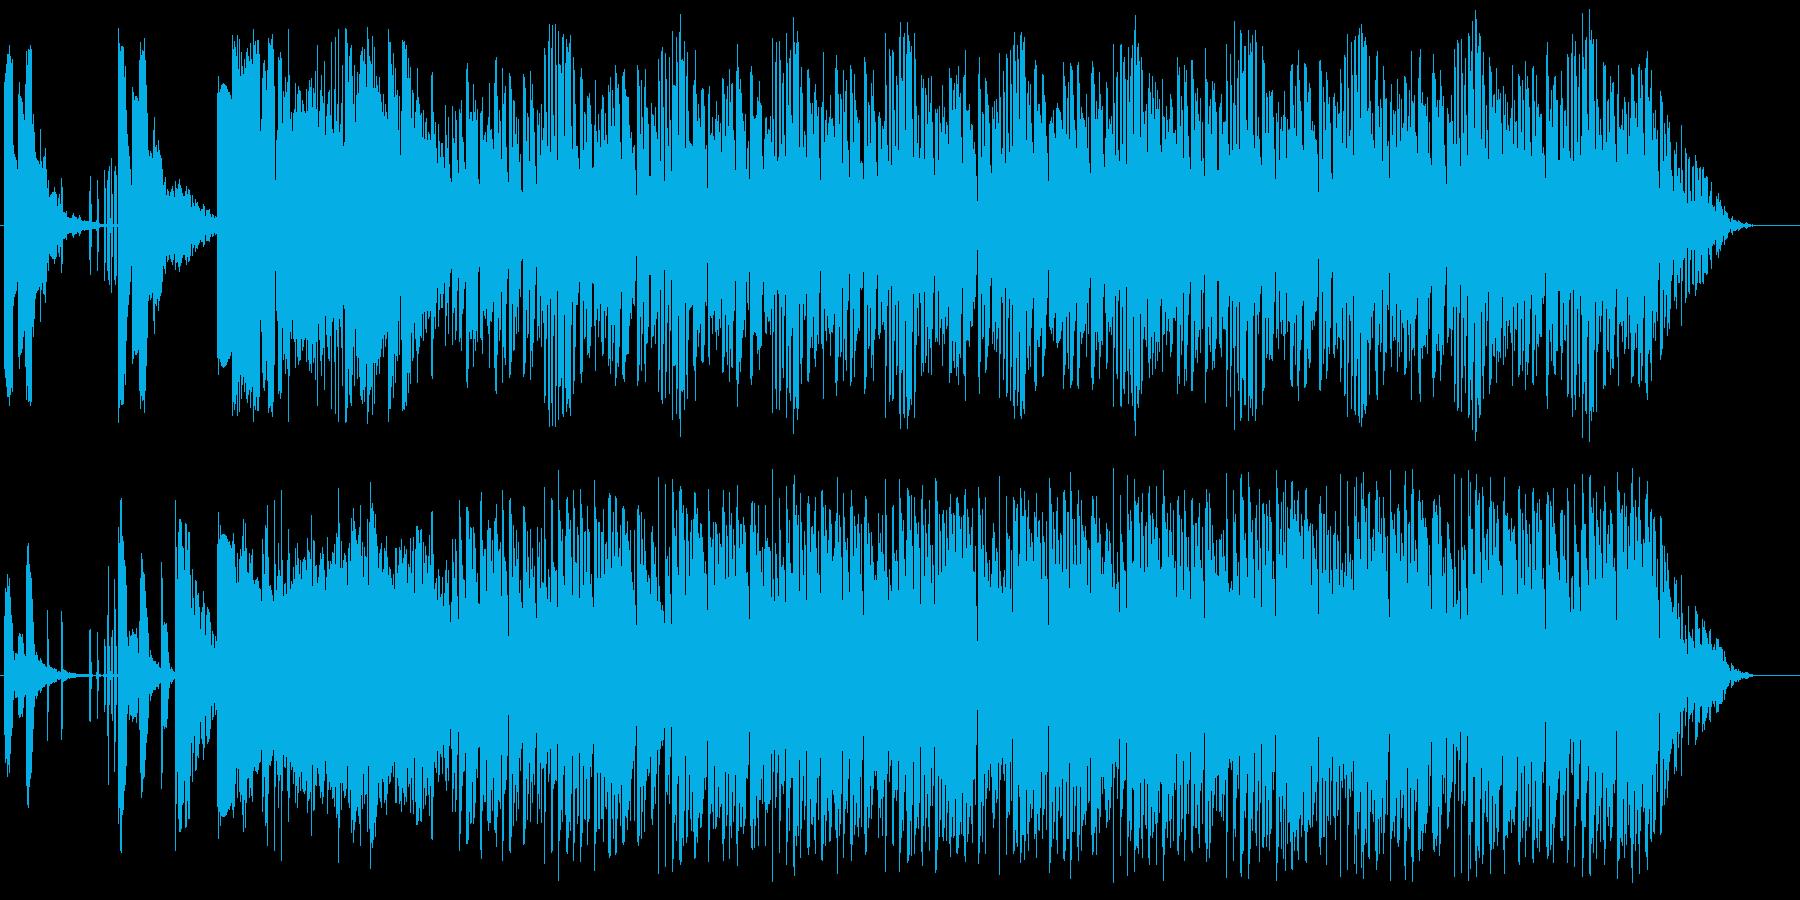 クールなBGM♪ニュース番組やゲーム等にの再生済みの波形